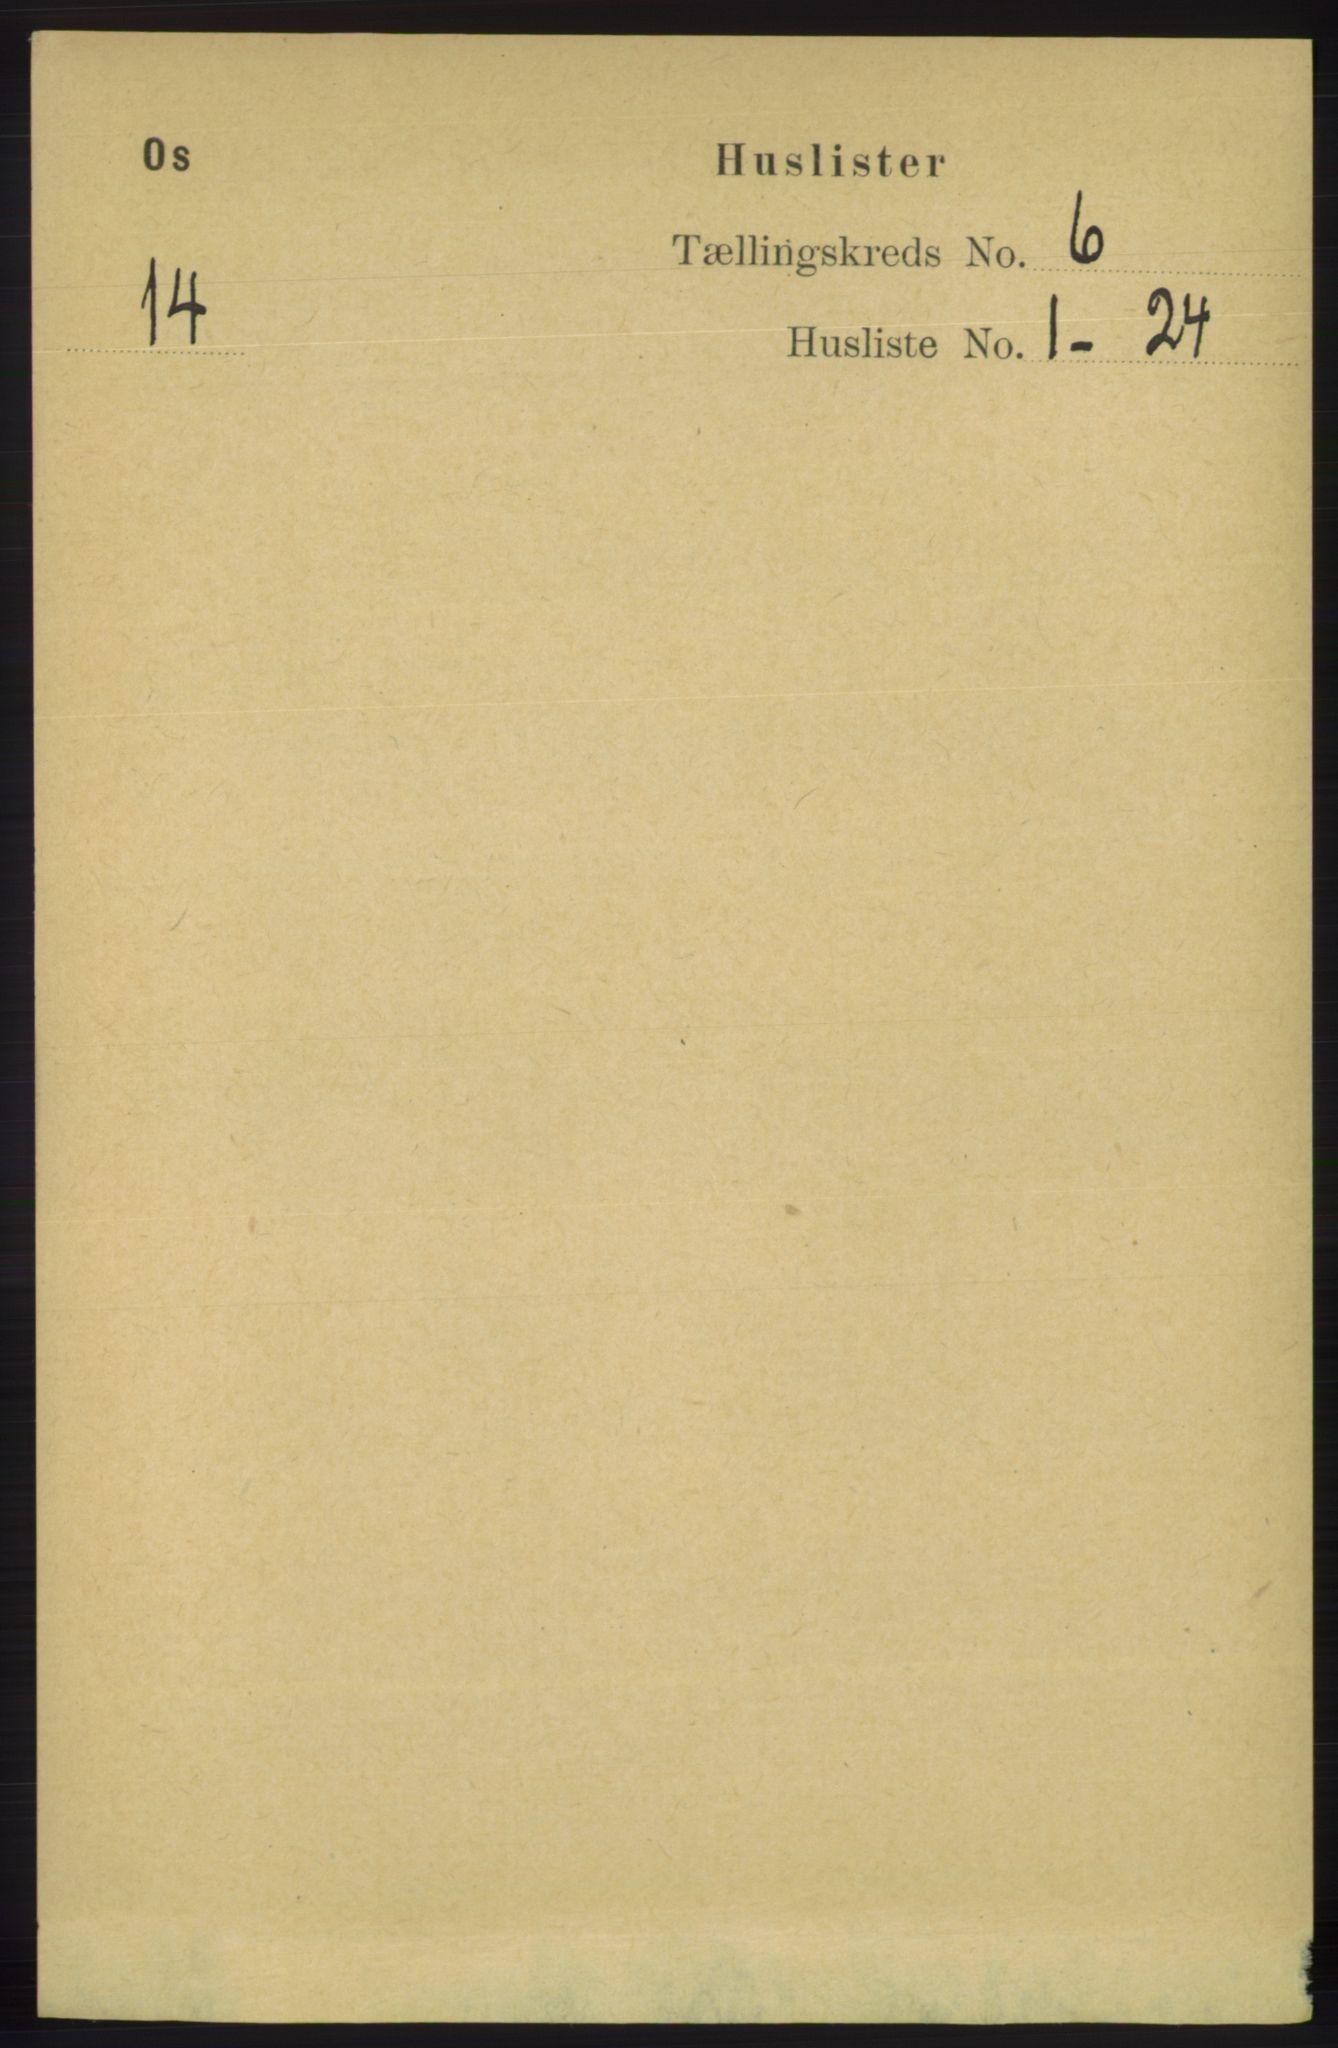 RA, Folketelling 1891 for 1243 Os herred, 1891, s. 1404